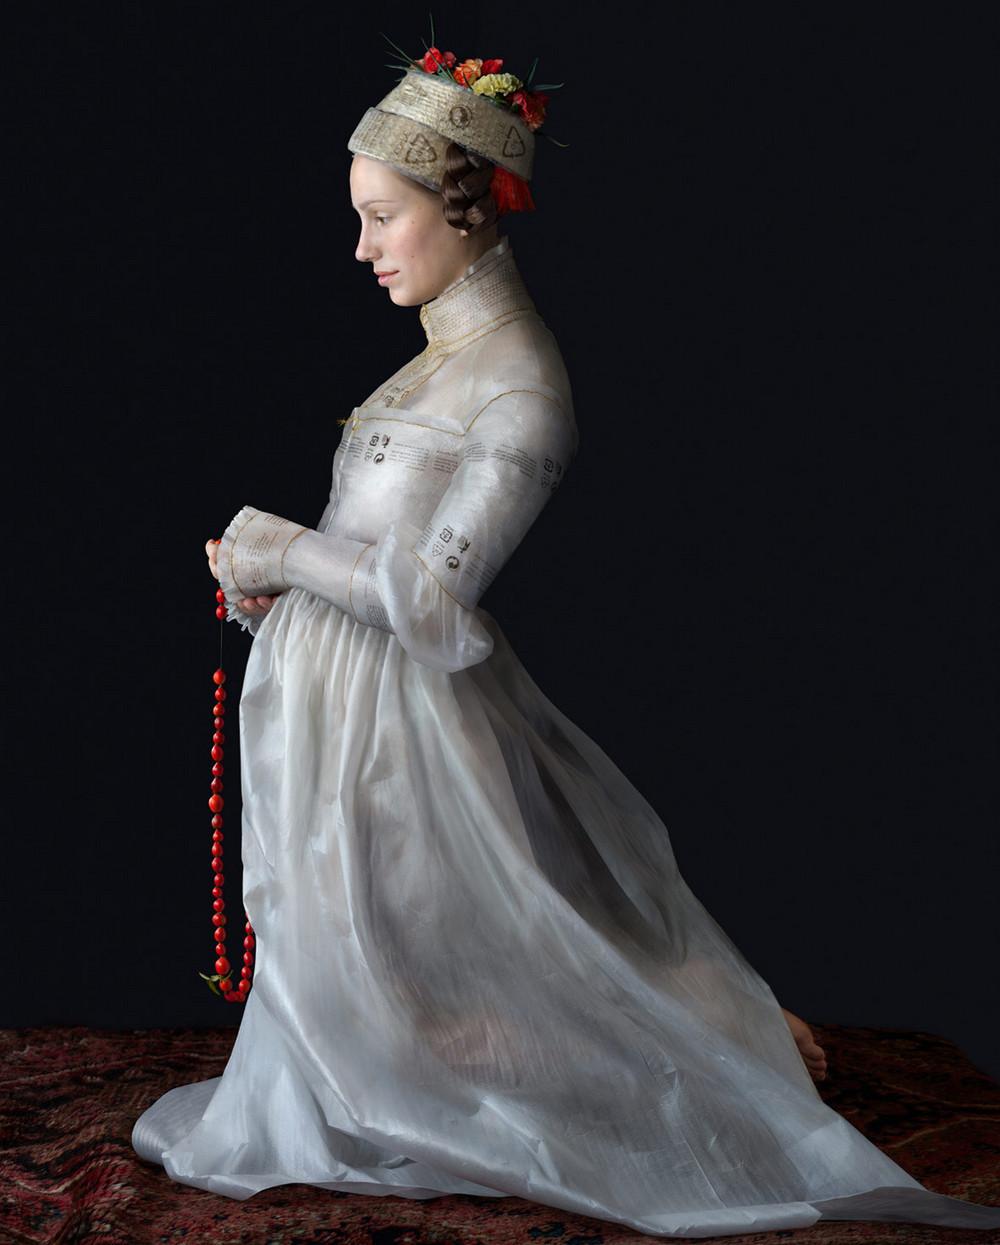 kostyumy-iz-vtorichnyh-materialov-portrety-Syuzanna-Yongmans 28